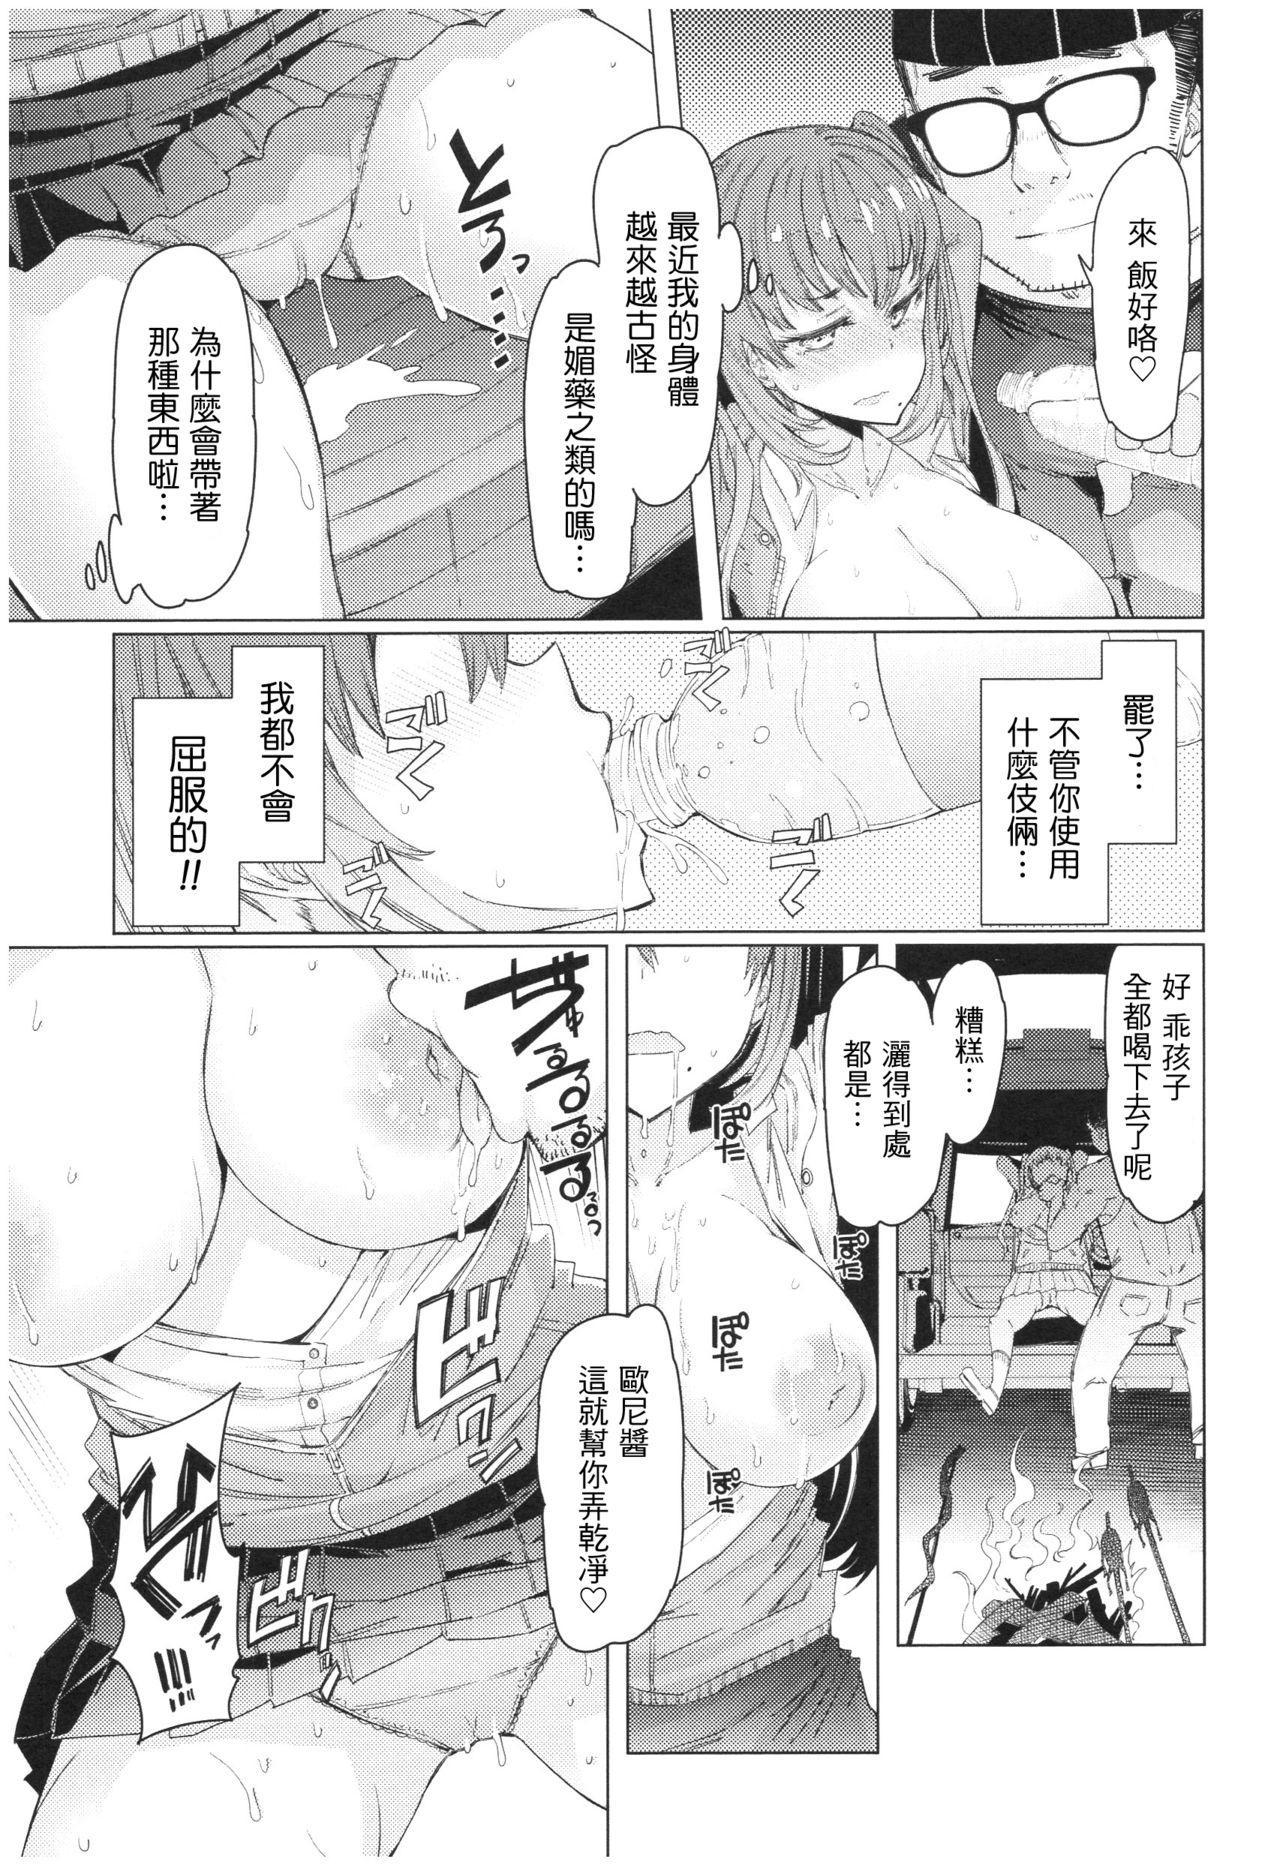 Ochita Kyoudai no 13-nichi Gougan Imouto no Otoshikata 49